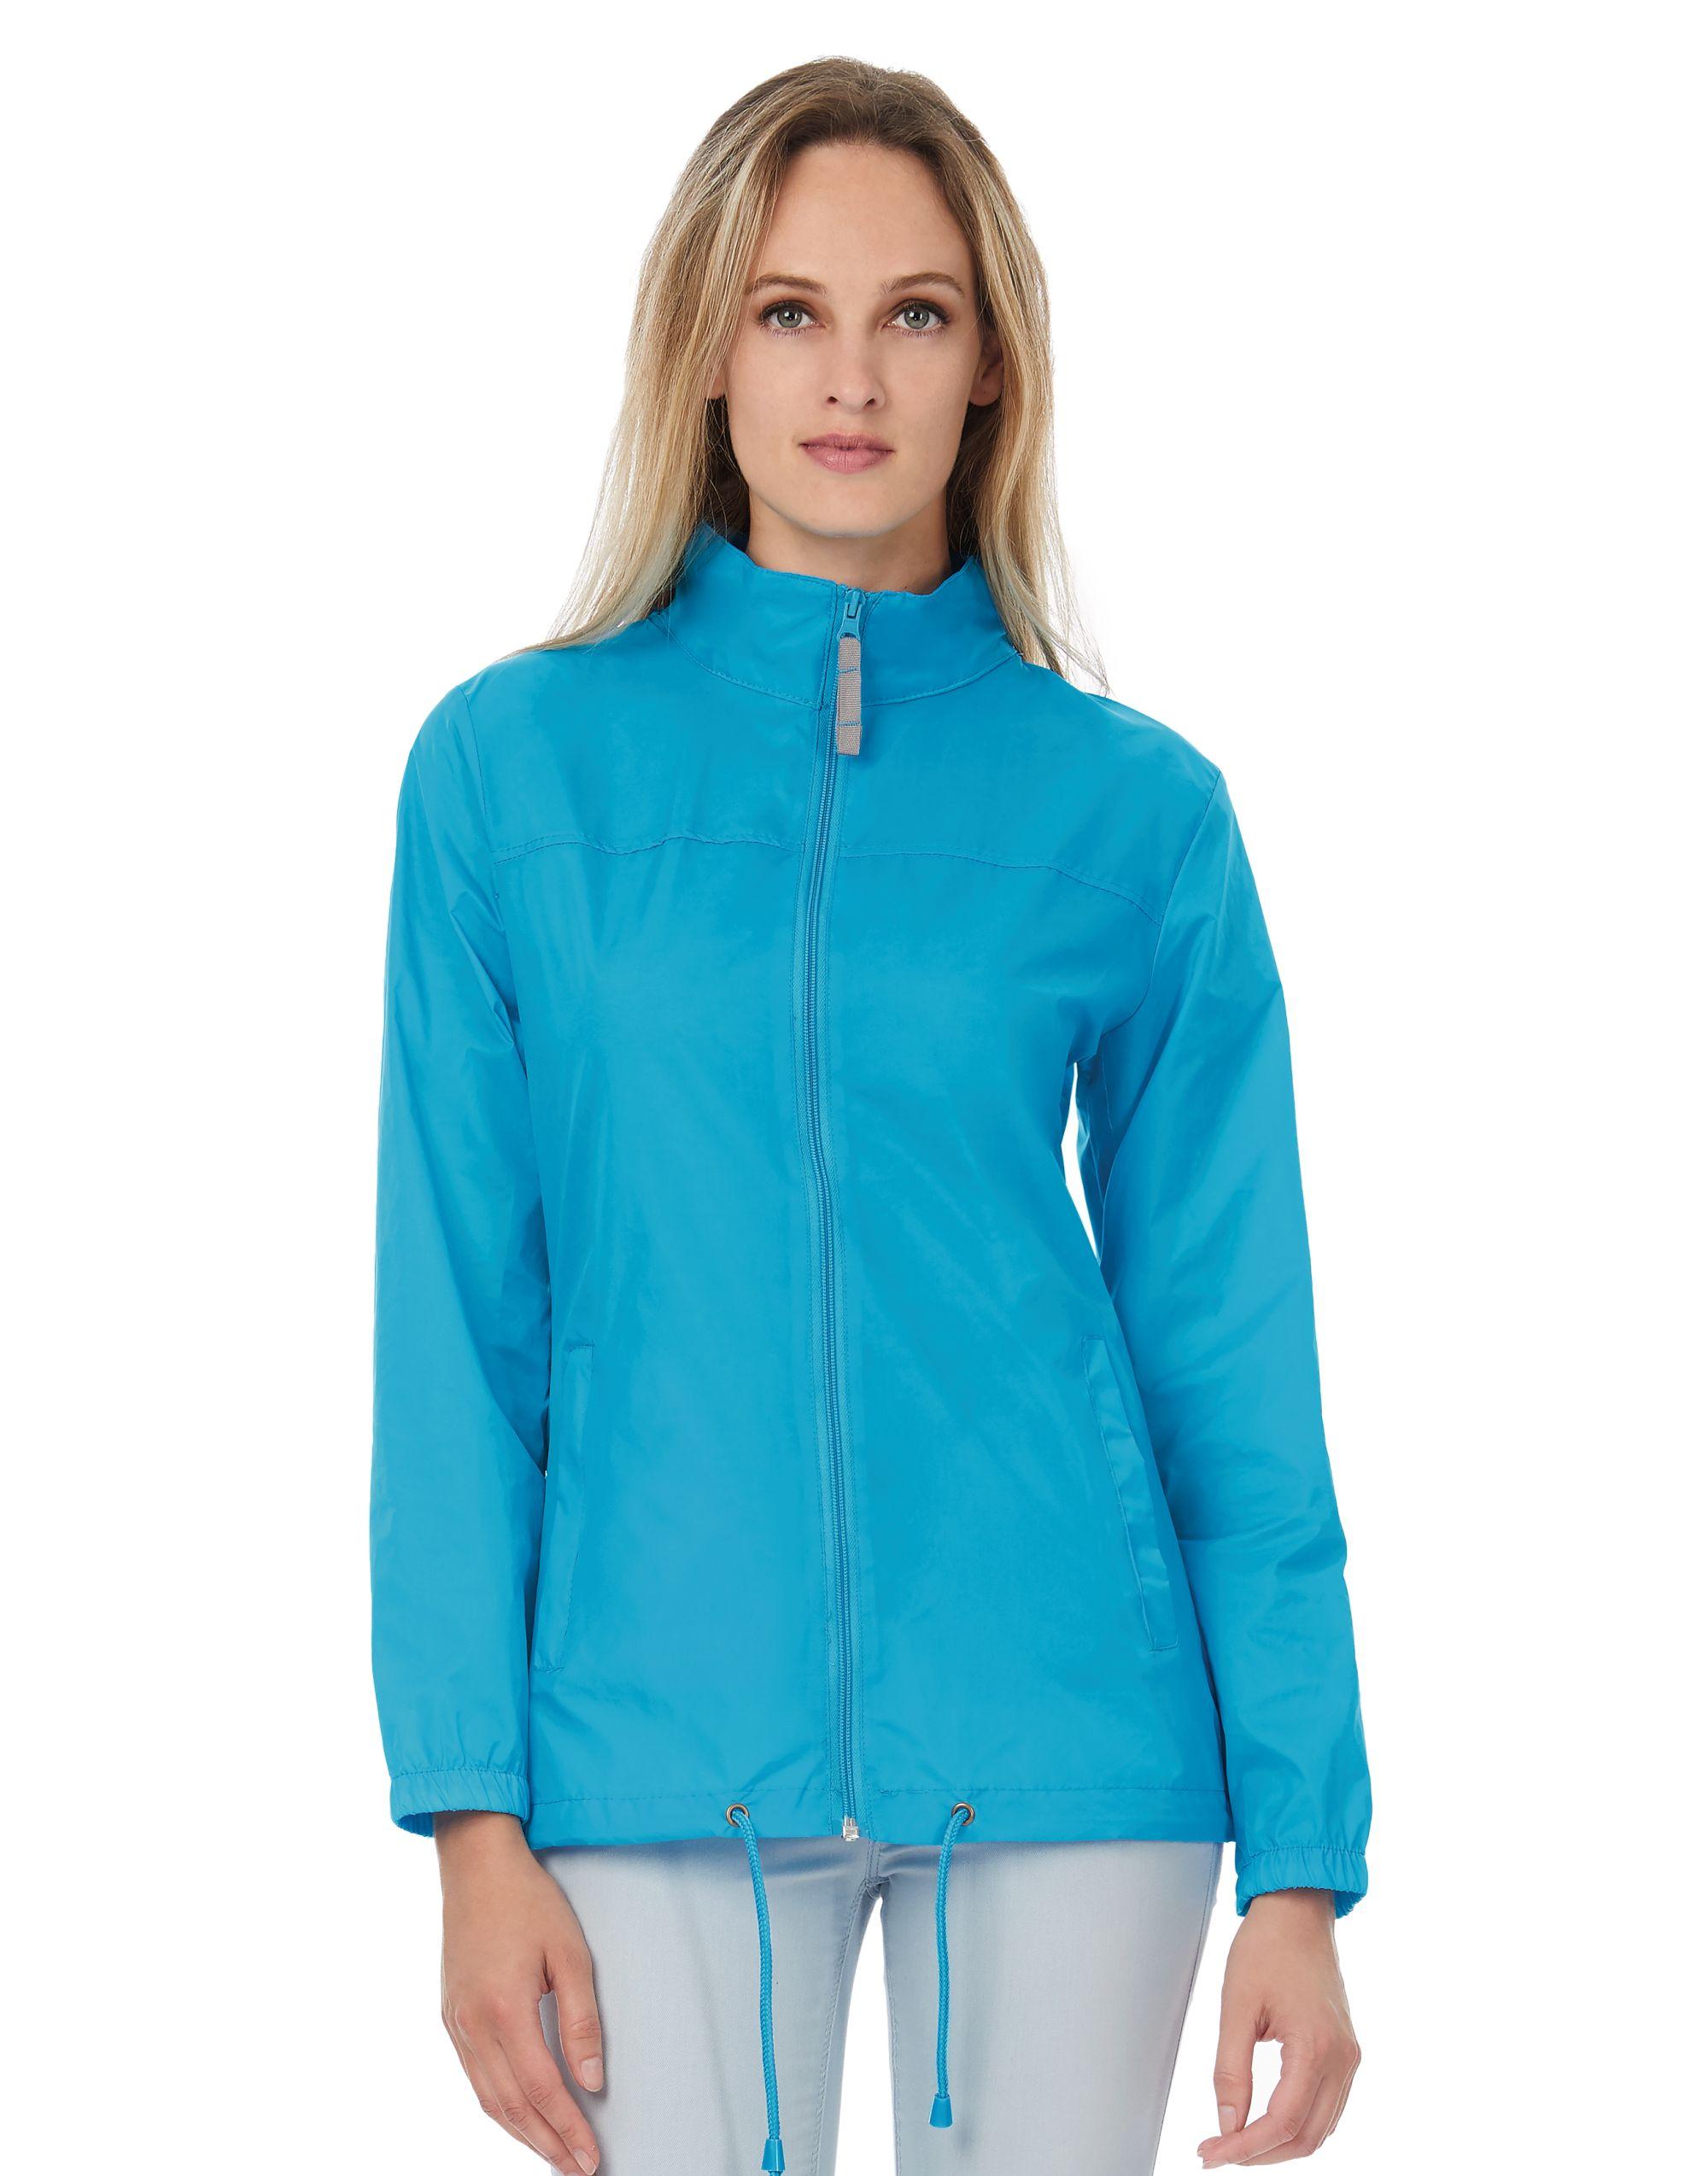 B&C Women's Sirocco Windbreaker Jacket